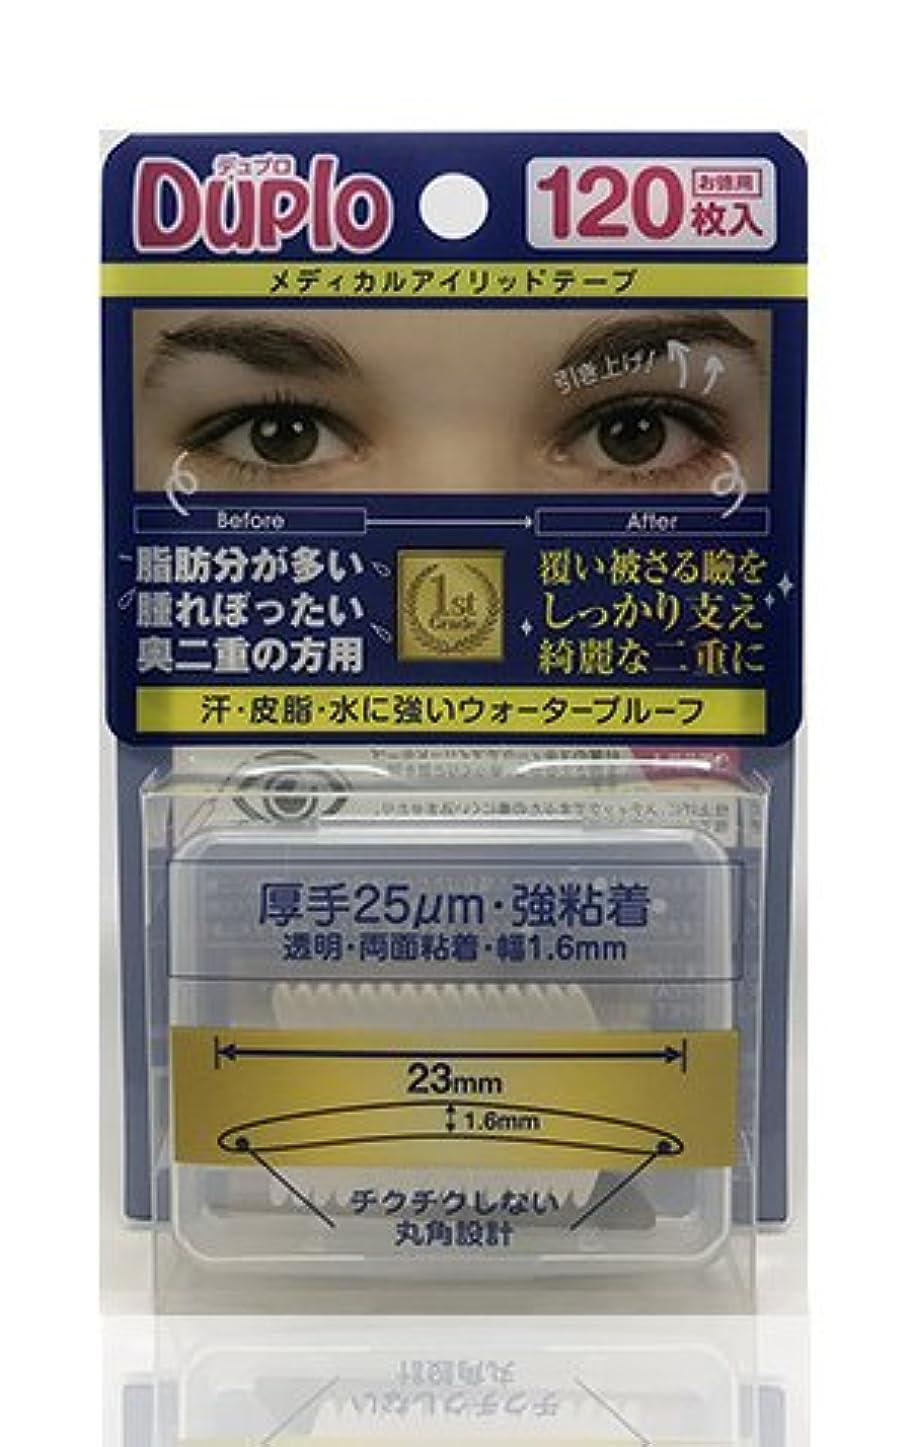 上げる通知テロDuplo デュプロ メディカルアイリッドテープ 厚手 25μm 強粘着 (眼瞼下垂防止用テープ) 透明?両面 120枚入